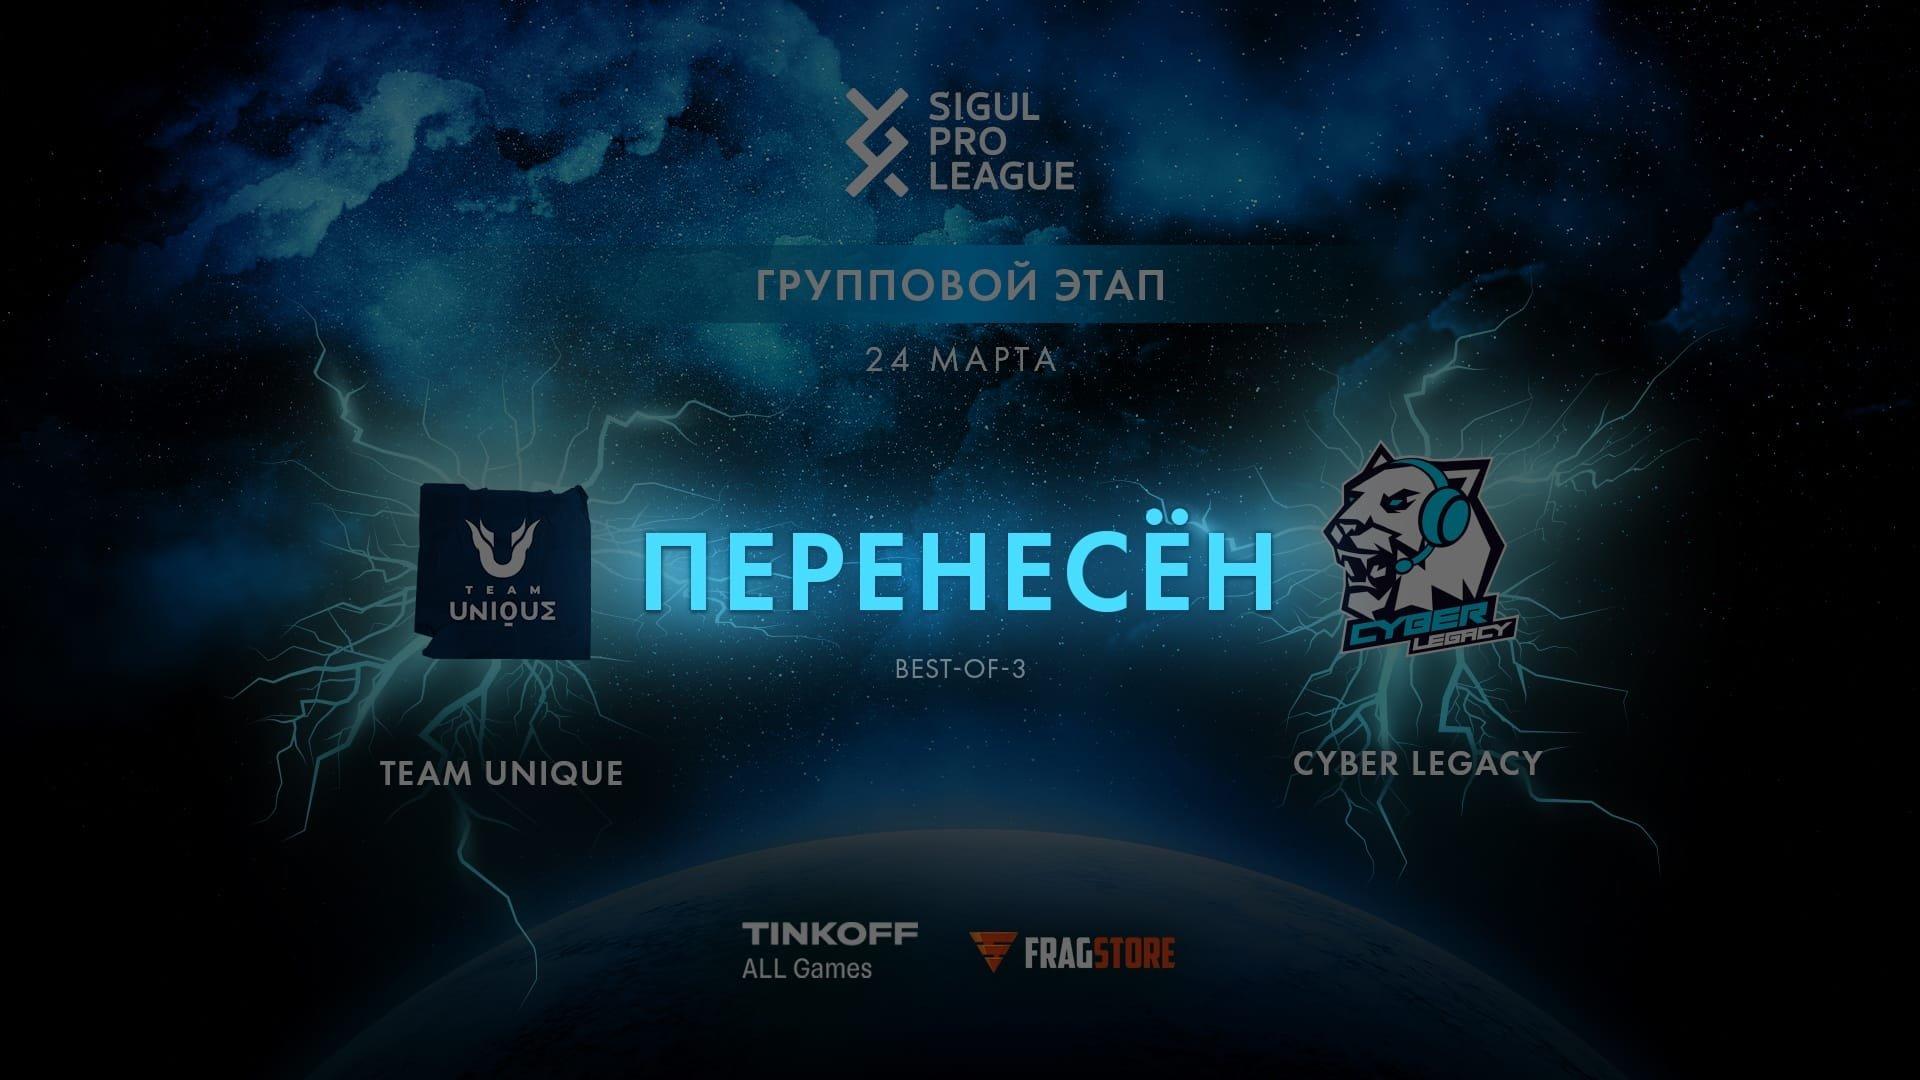 Киберспорт. Dota 2. В SIGUL Pro League объяснили второй кряду перенос матча Cyber Legacy и Team Unique